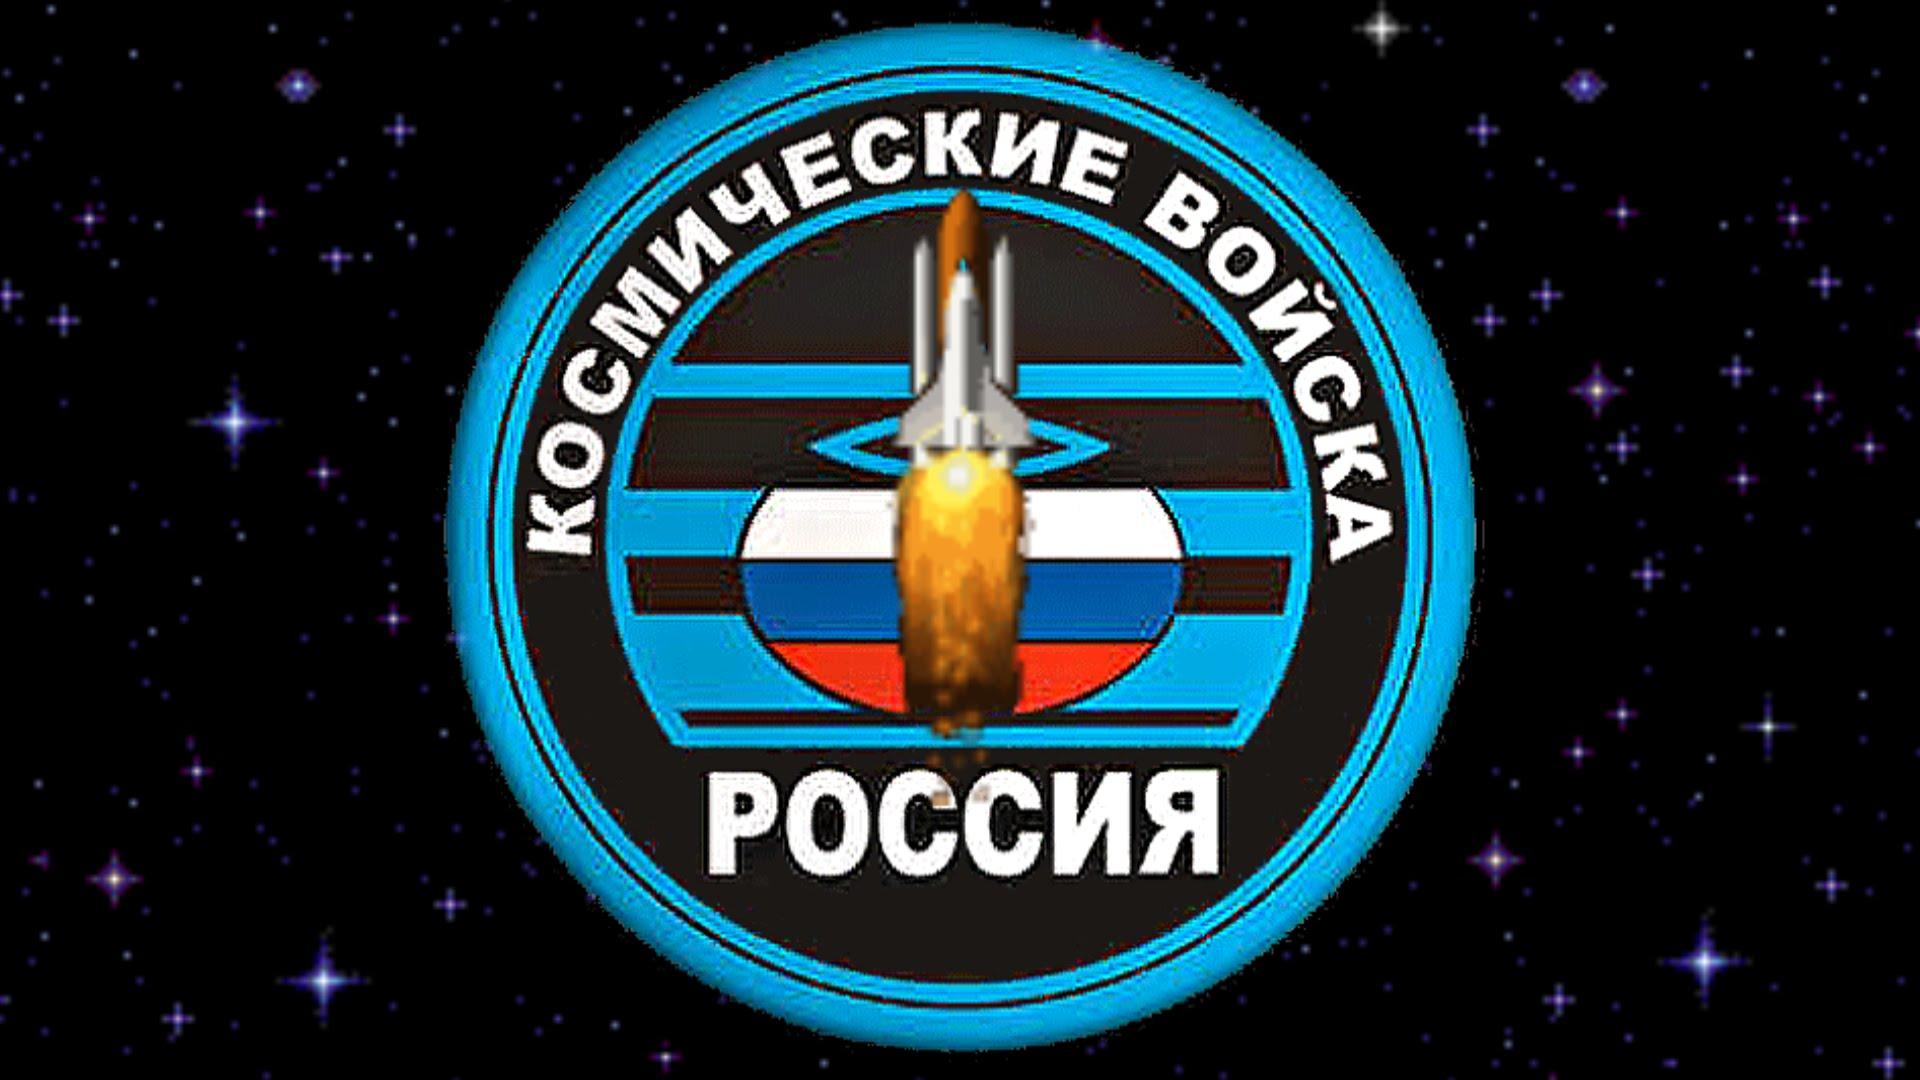 Открытки. С днем космических войск. Поздравляем вас